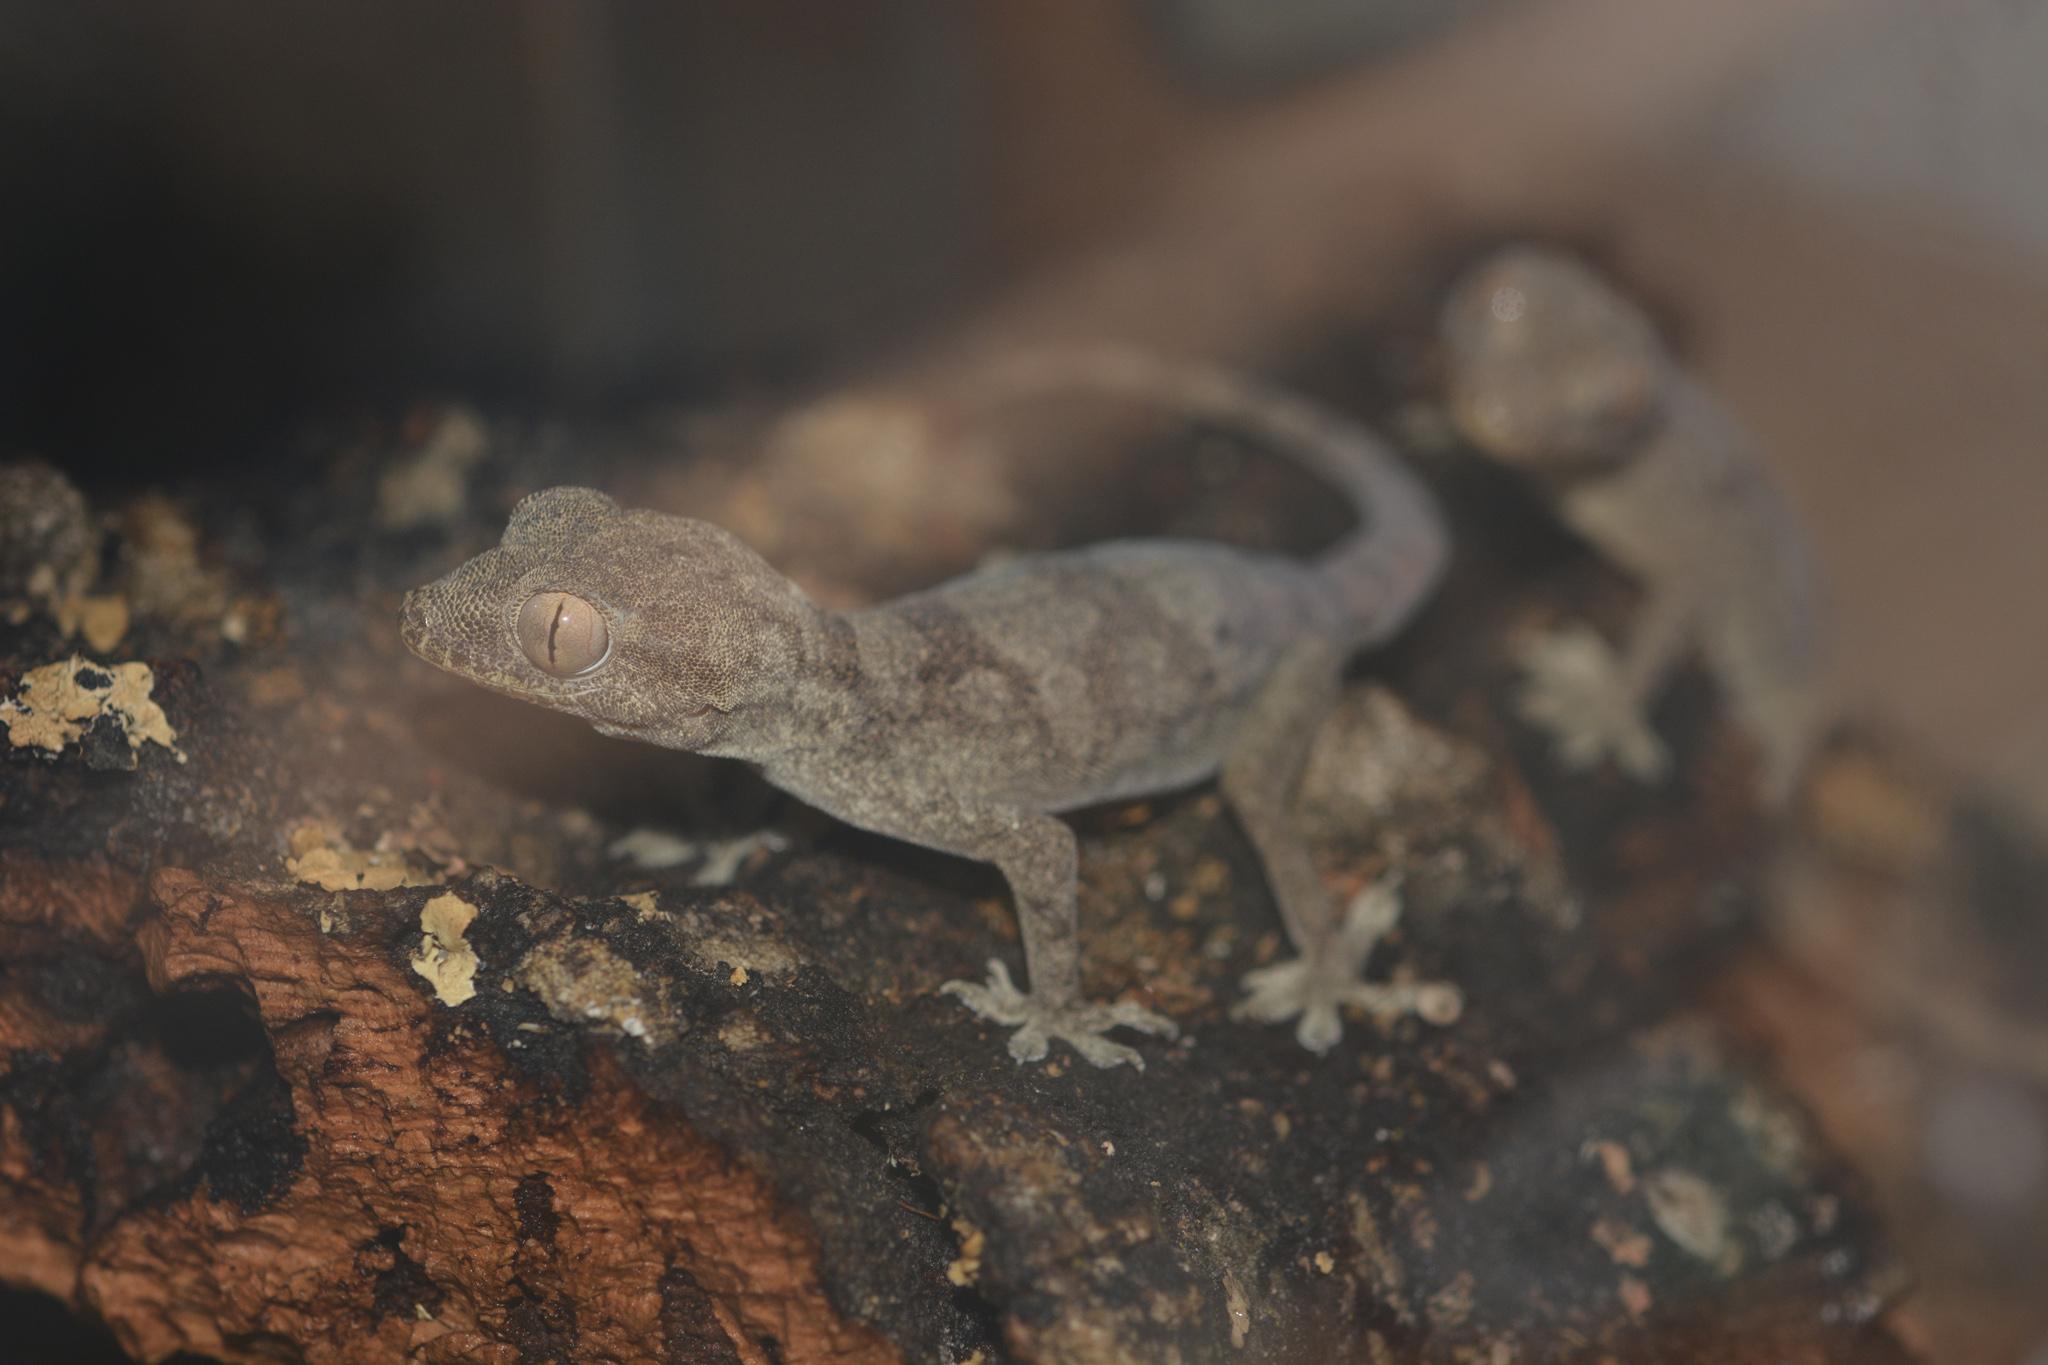 hemidactylus_lemurinus_03.jpg